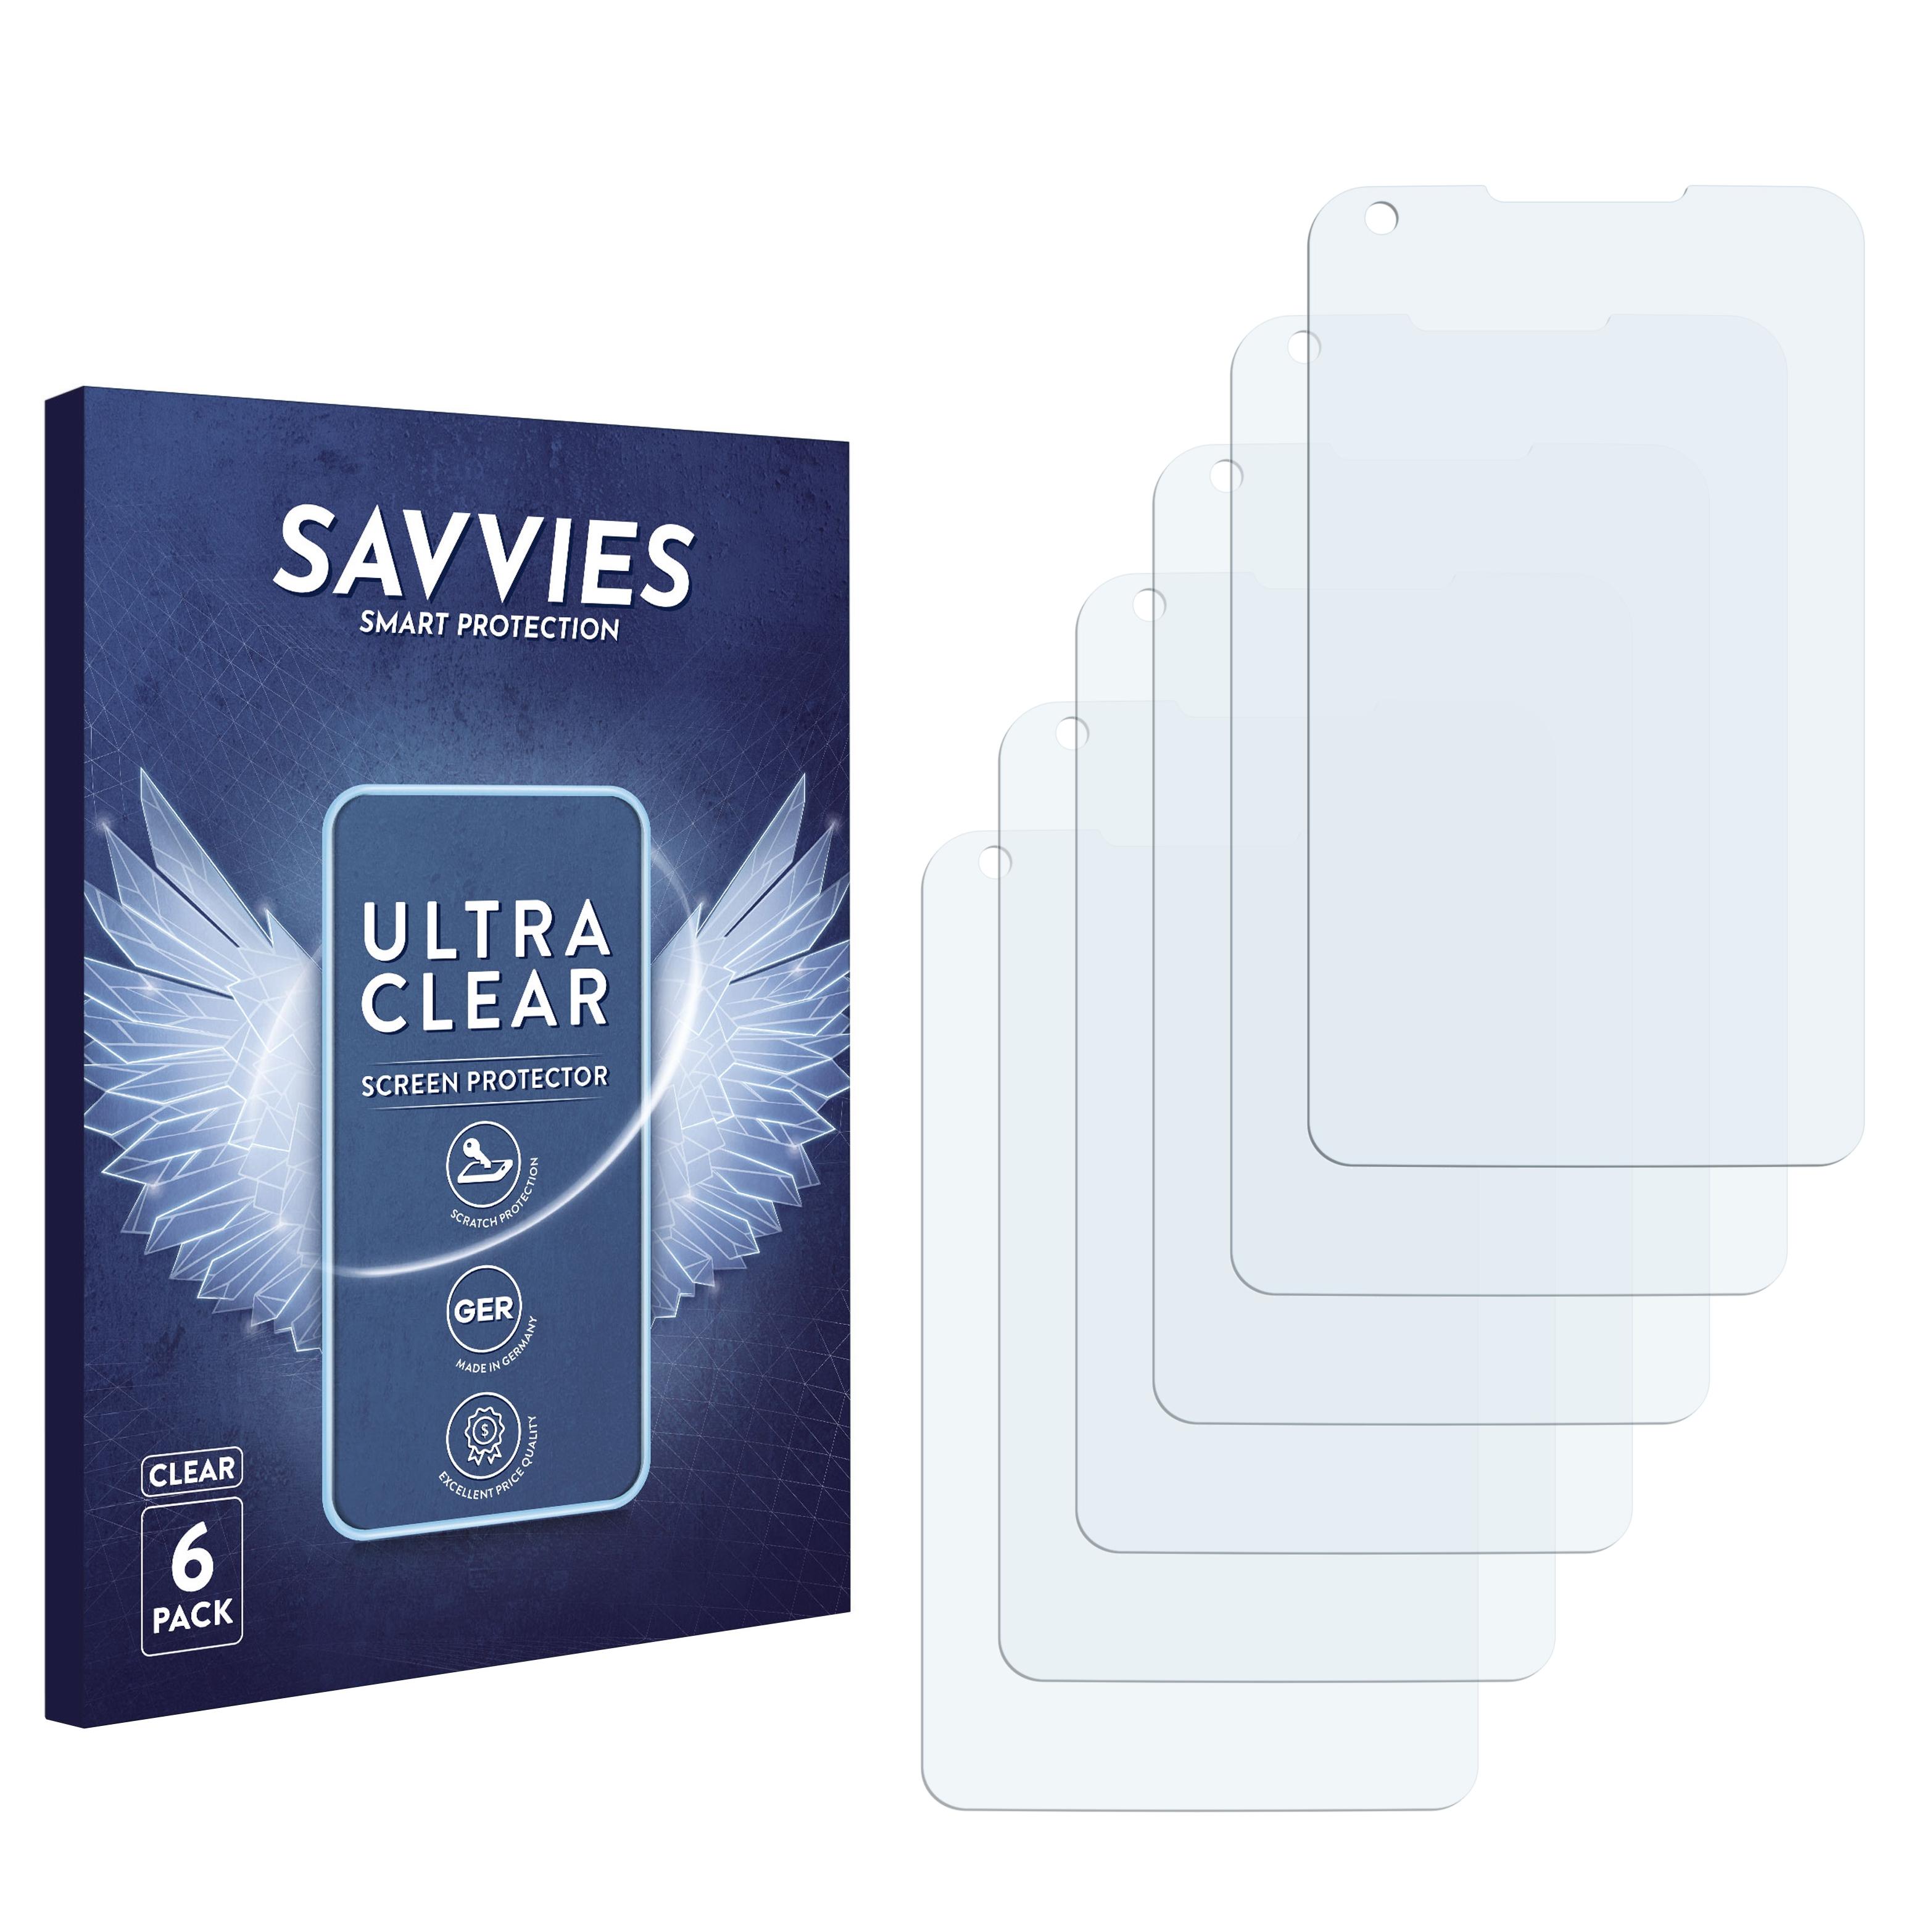 Ochranná fólie Savvies na Lenovo IdeaPhone S880, 6ks